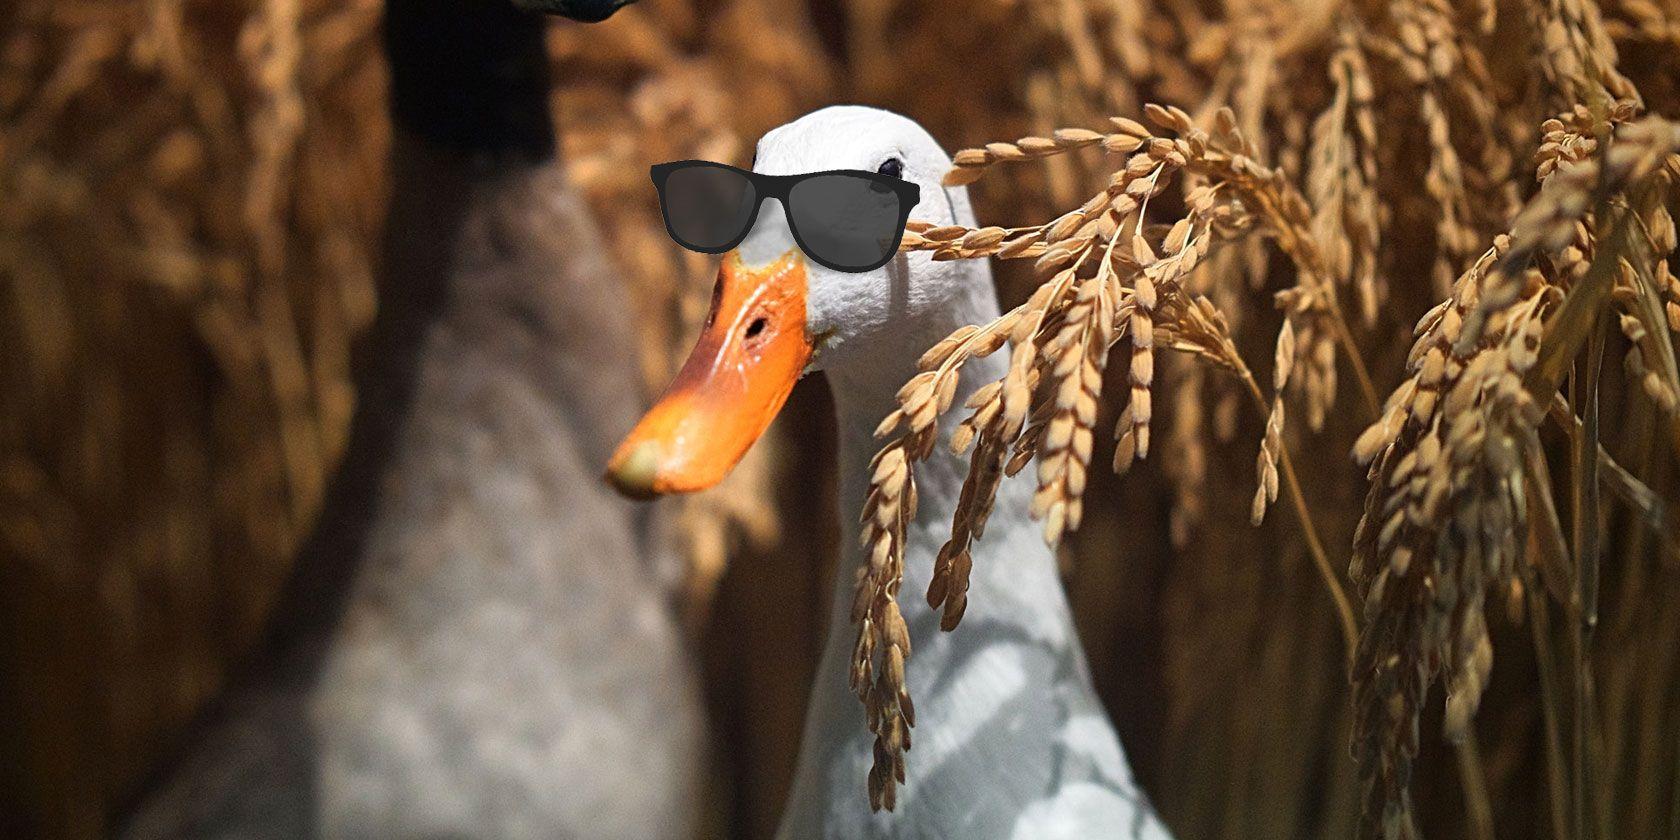 duckduckgo-protect-info